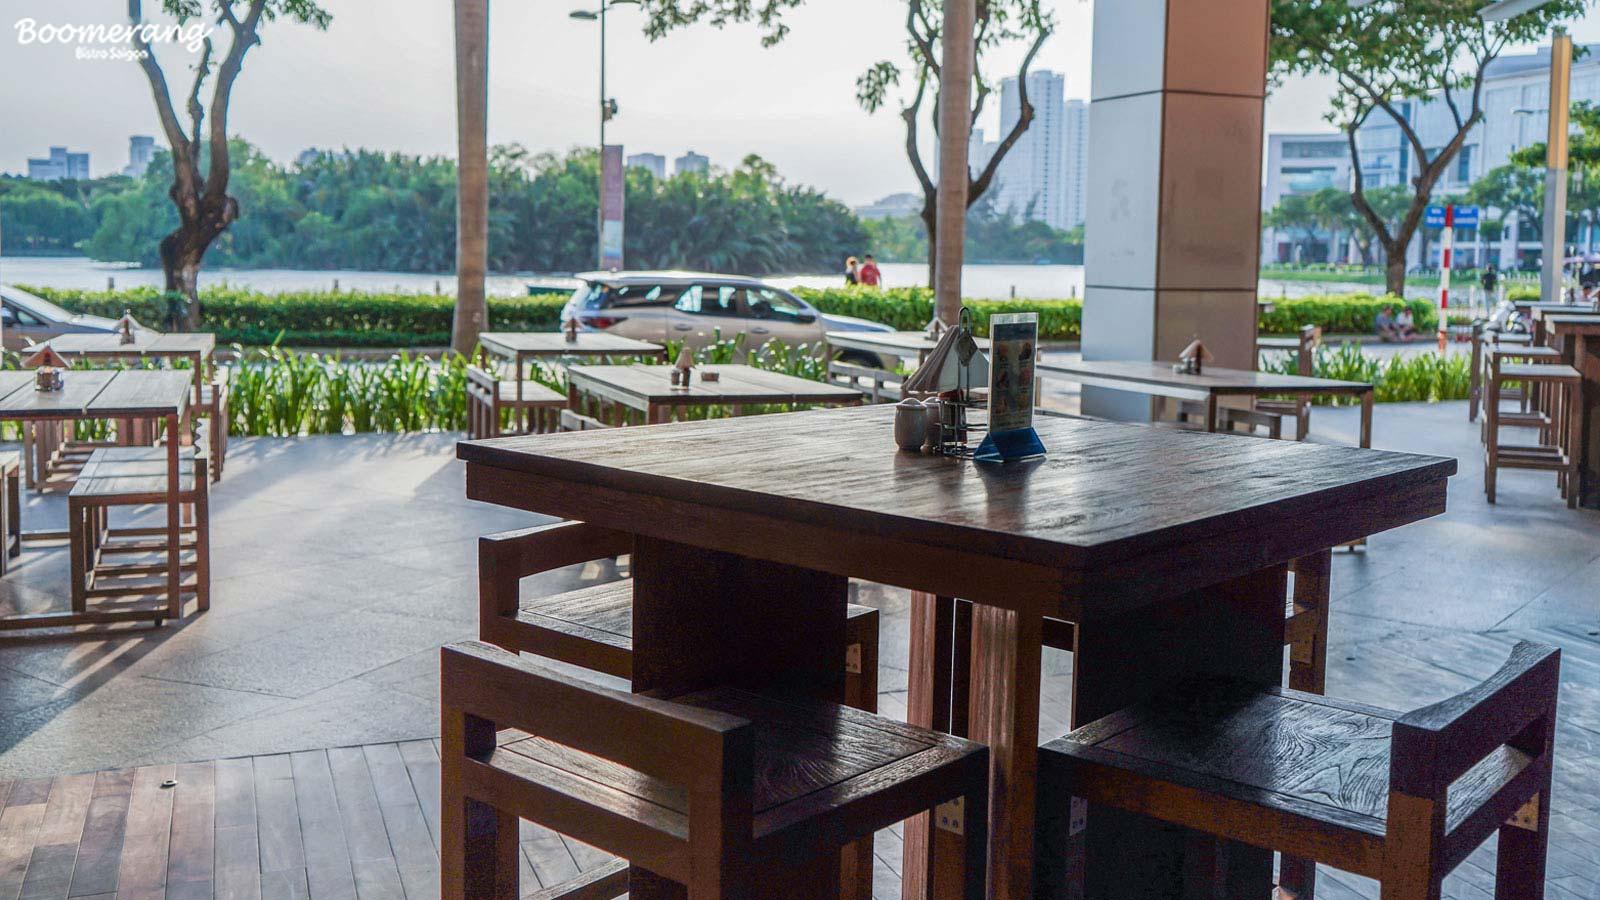 Không gian sảnh trước nhà hàng Boomerang